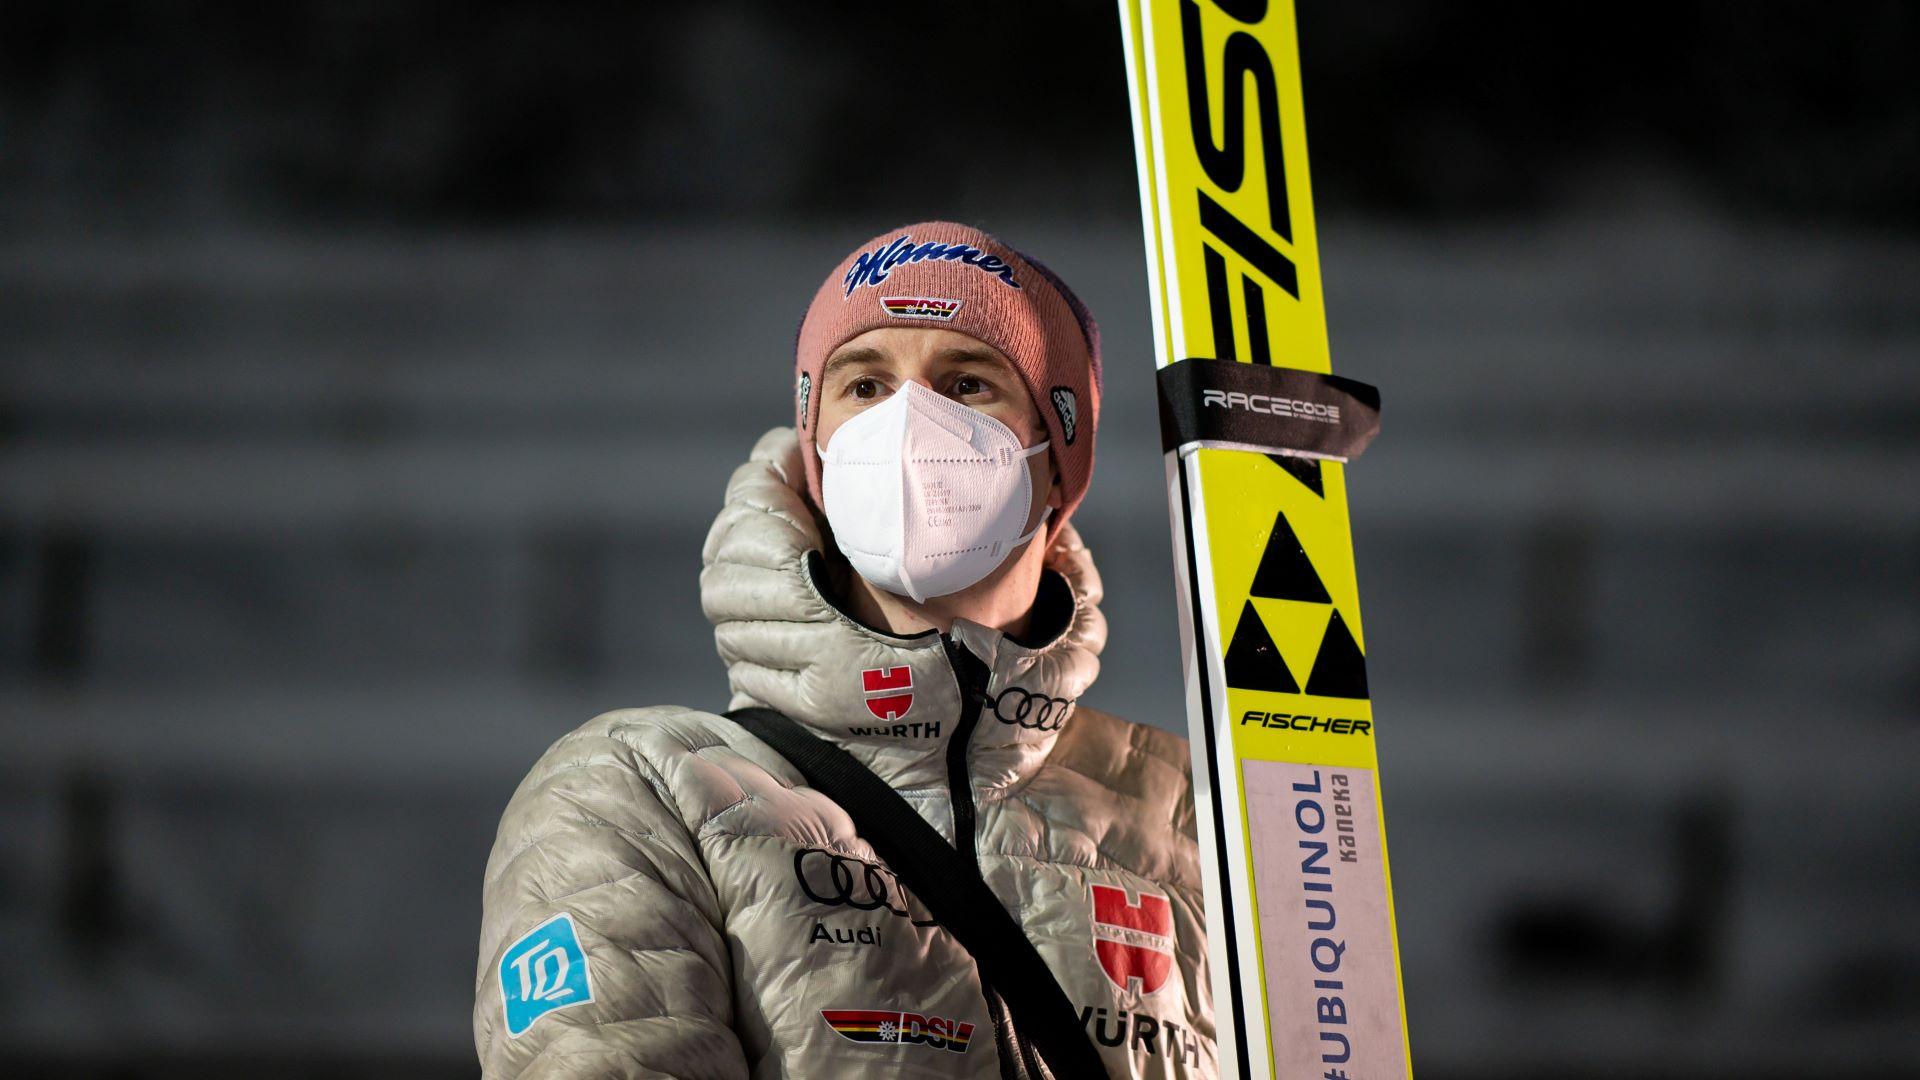 Skispringen Einzel Geiger Livestream